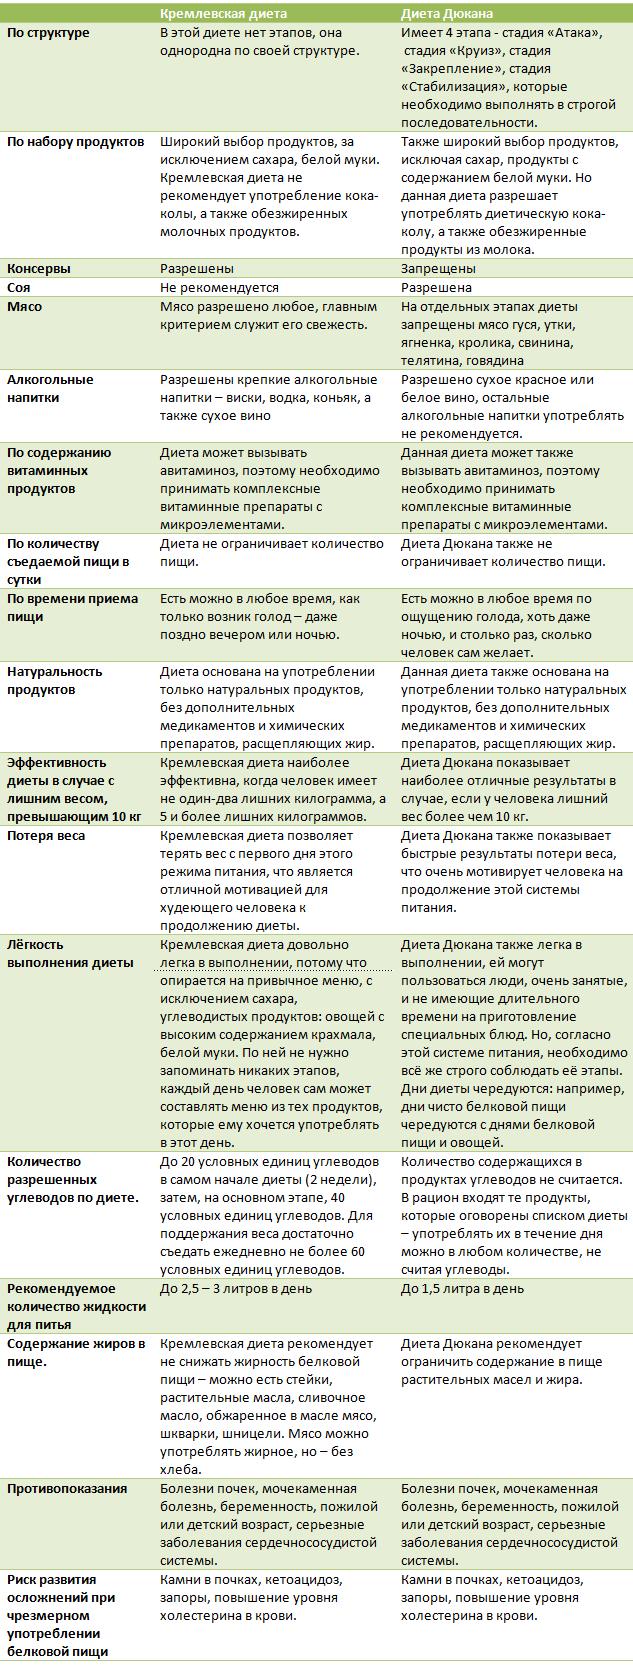 Сравнение диет Дюкана и кремлевской